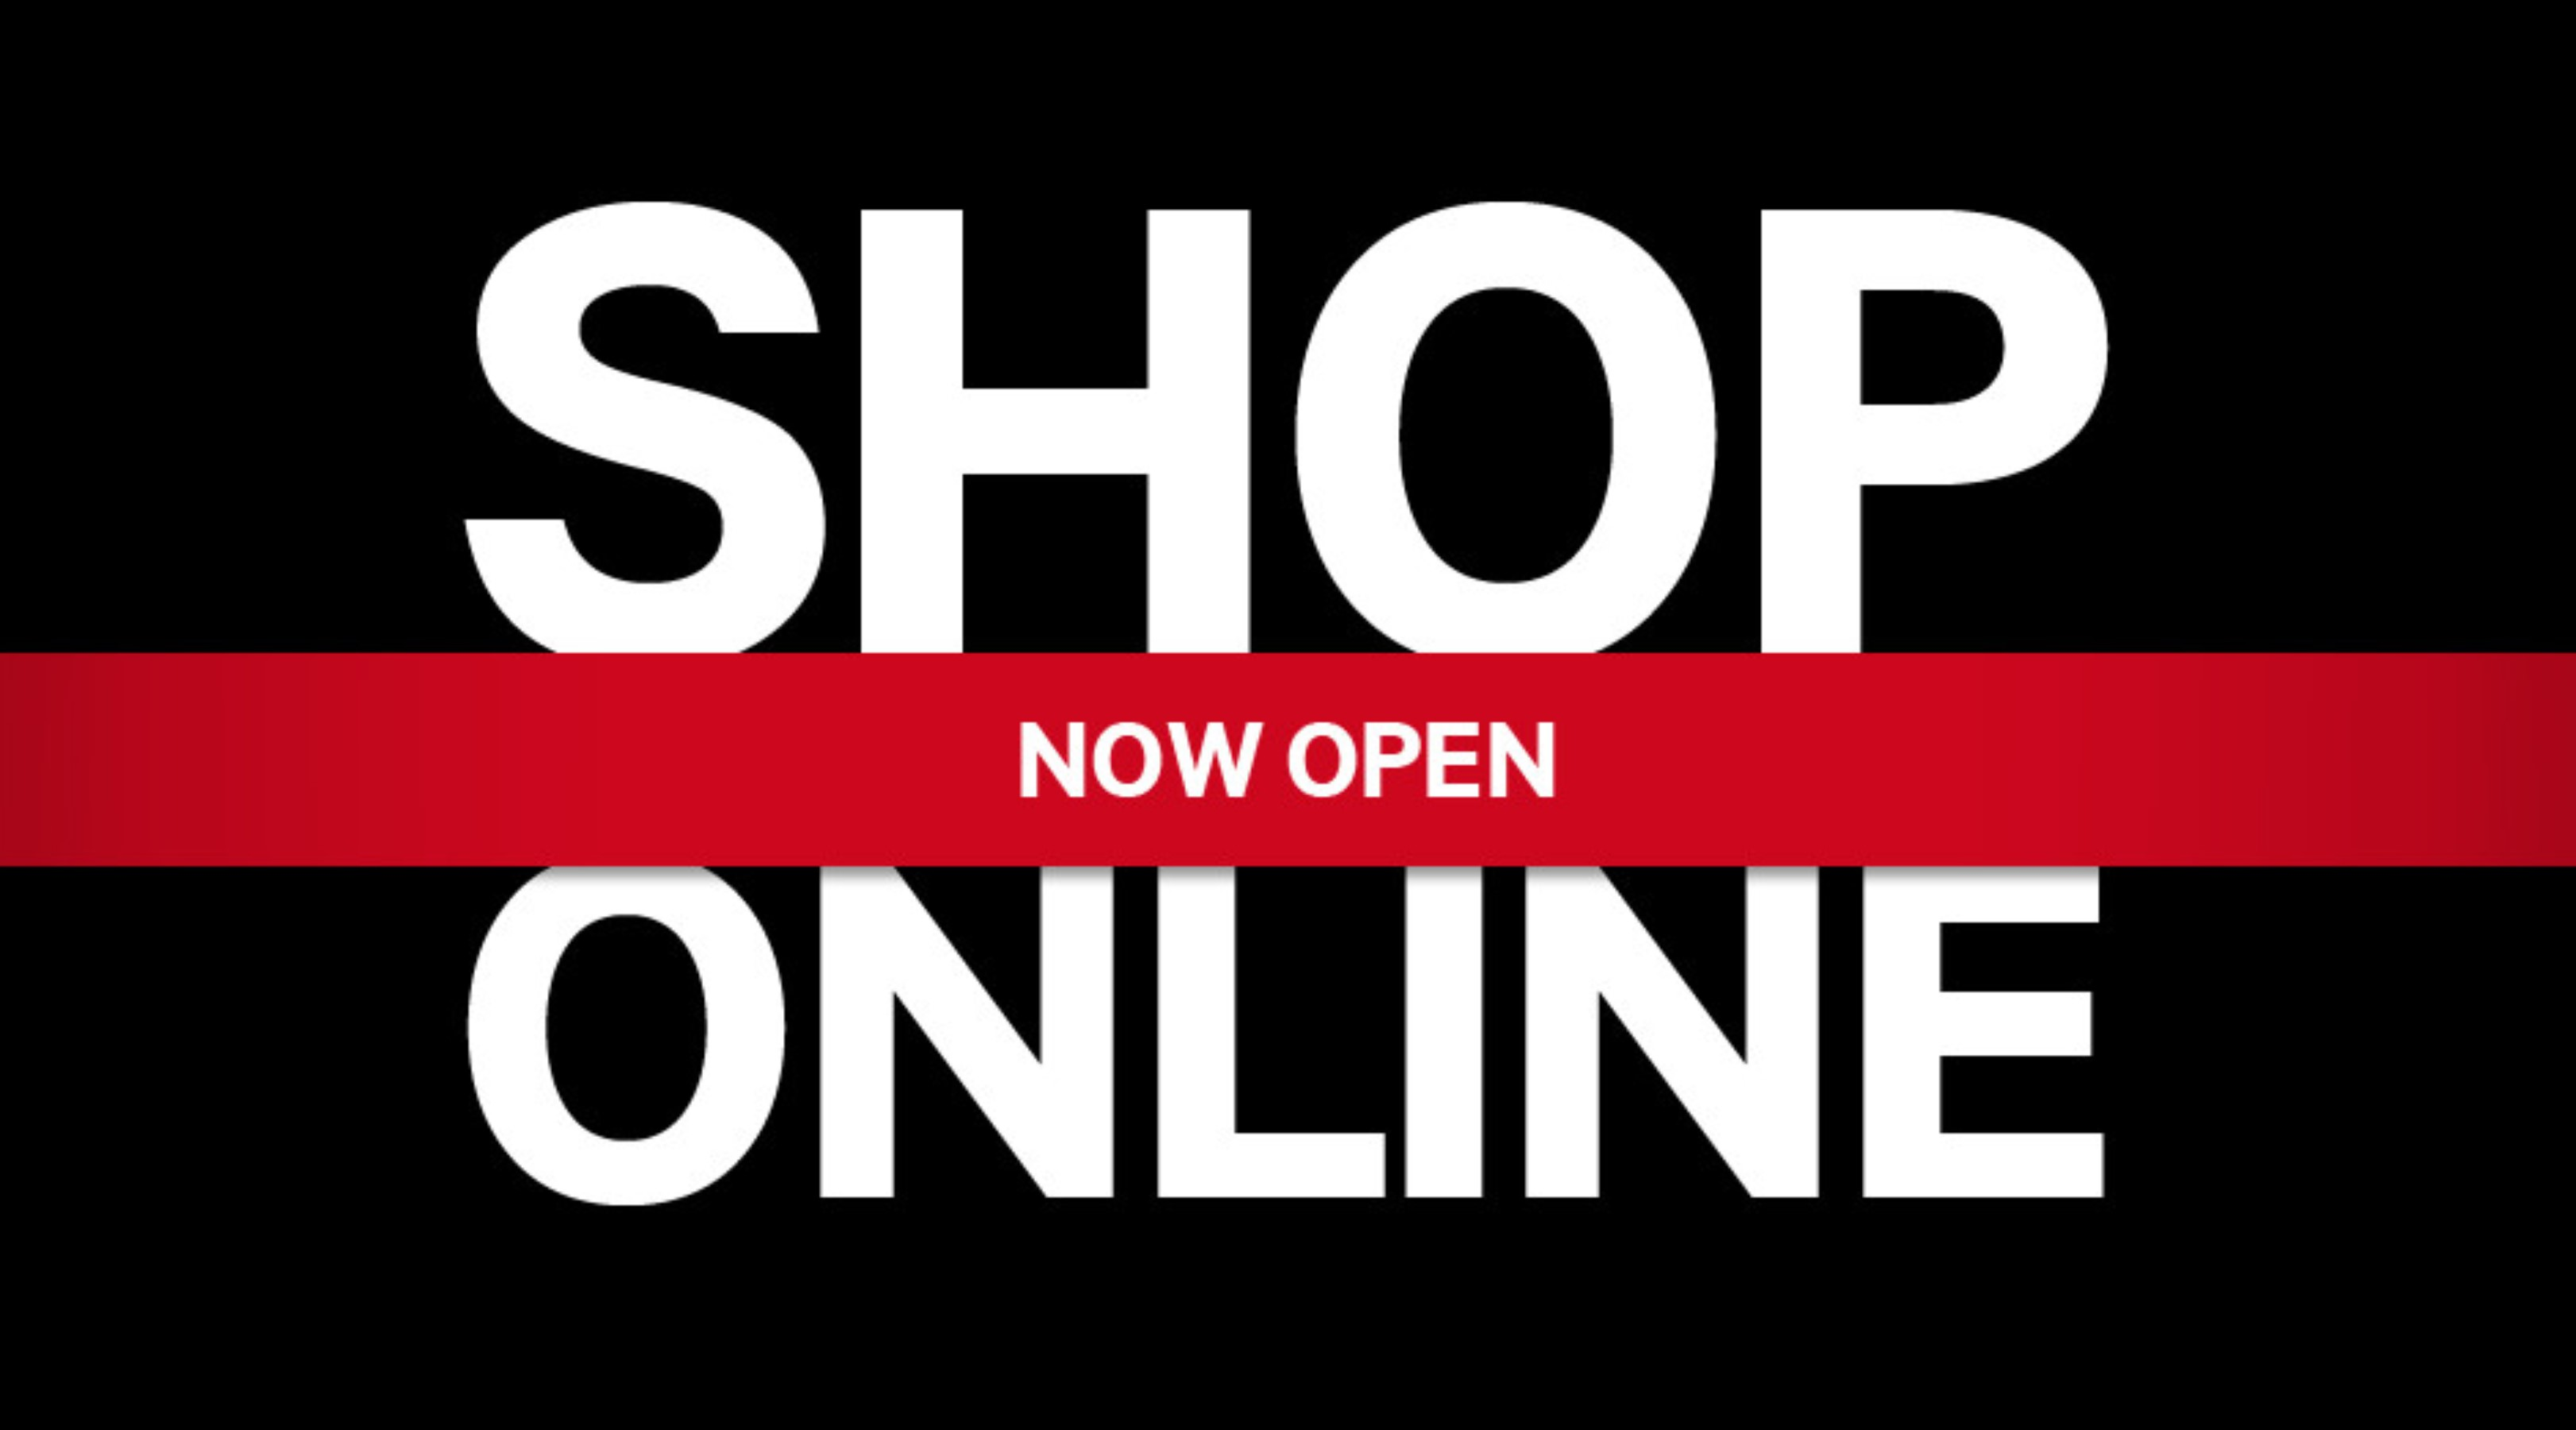 Online-Shop-Image.jpg